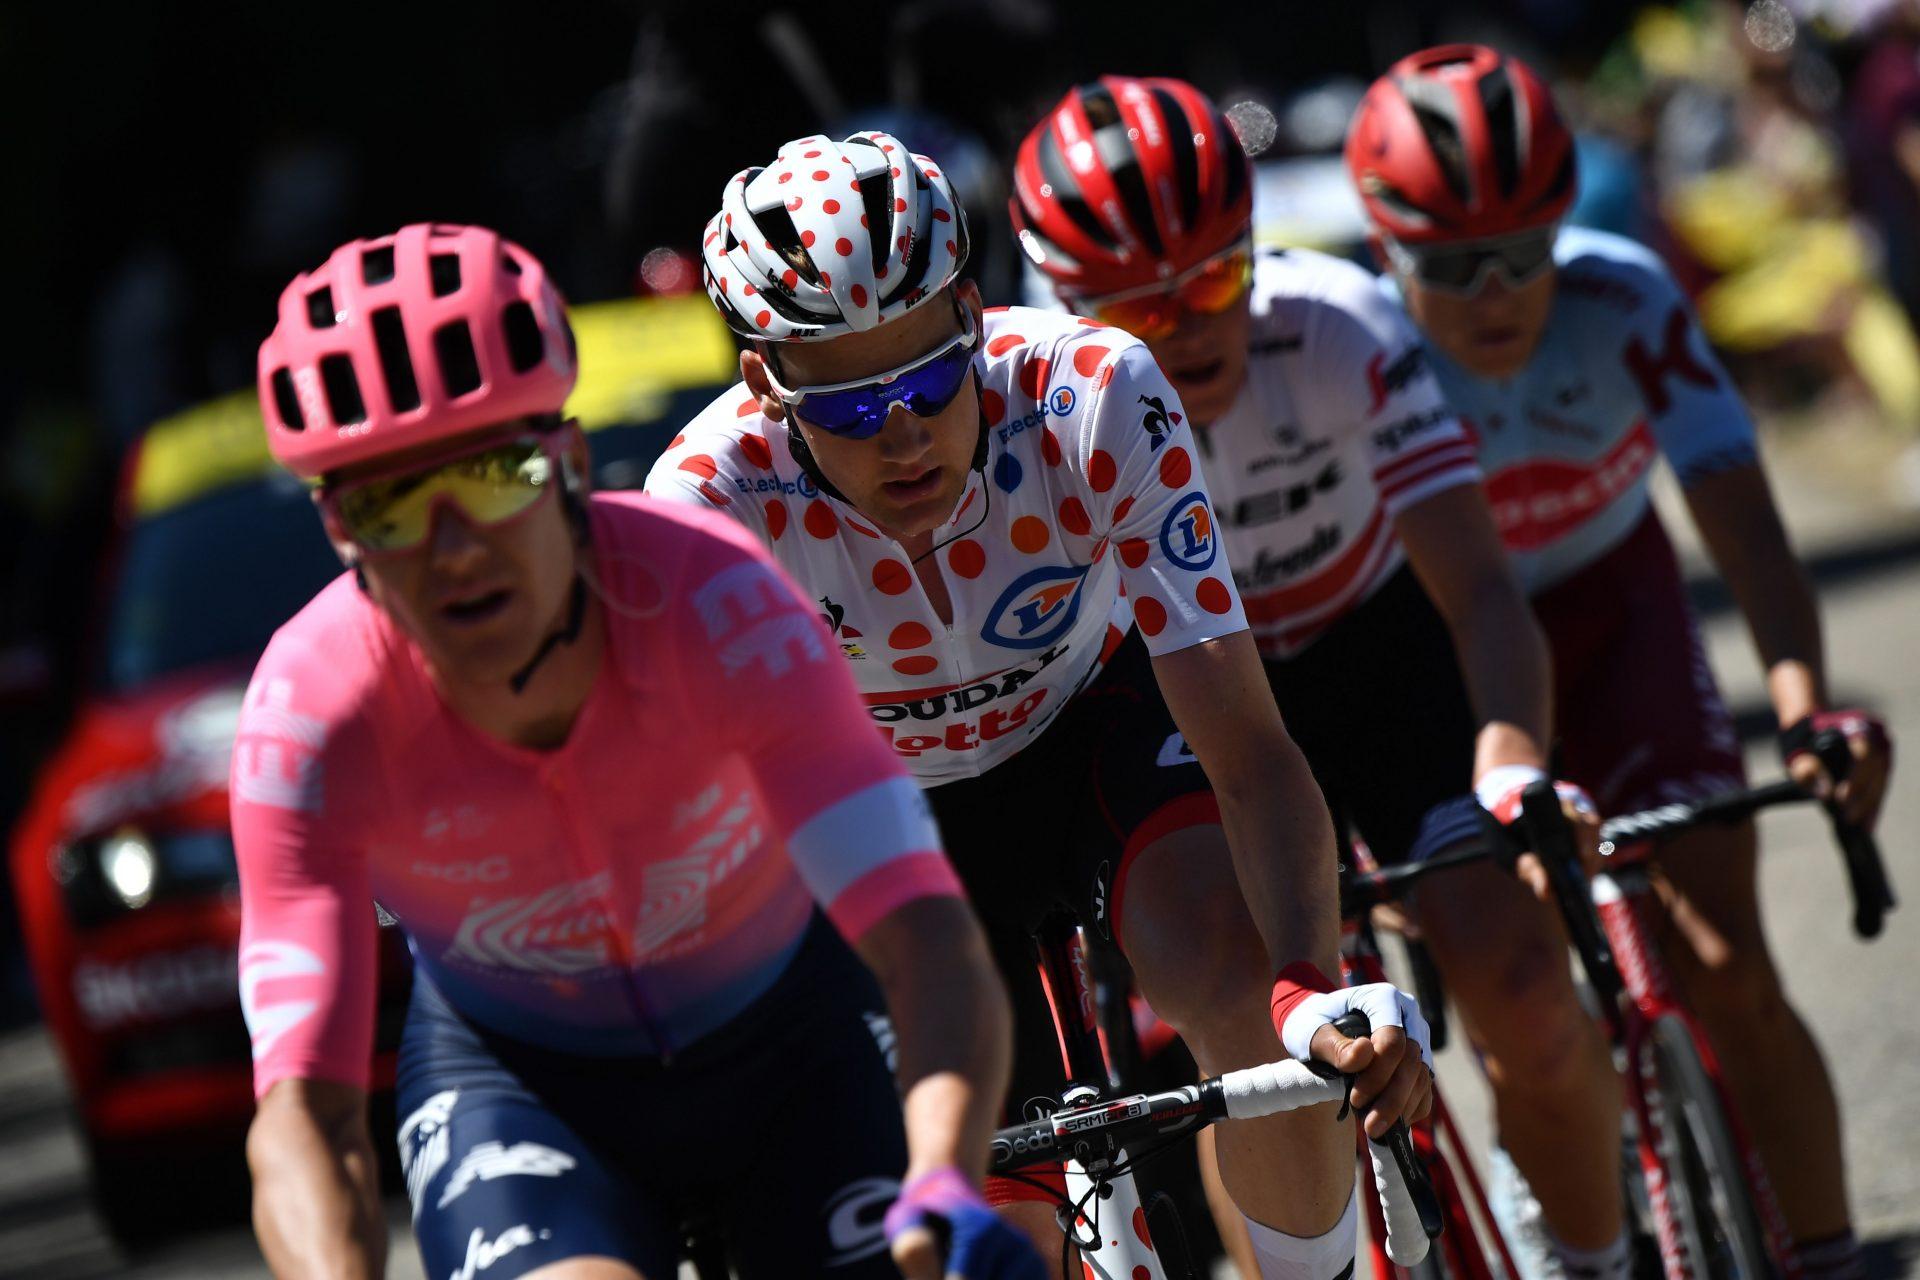 2019 Tour de France Stage 8 Recap 5